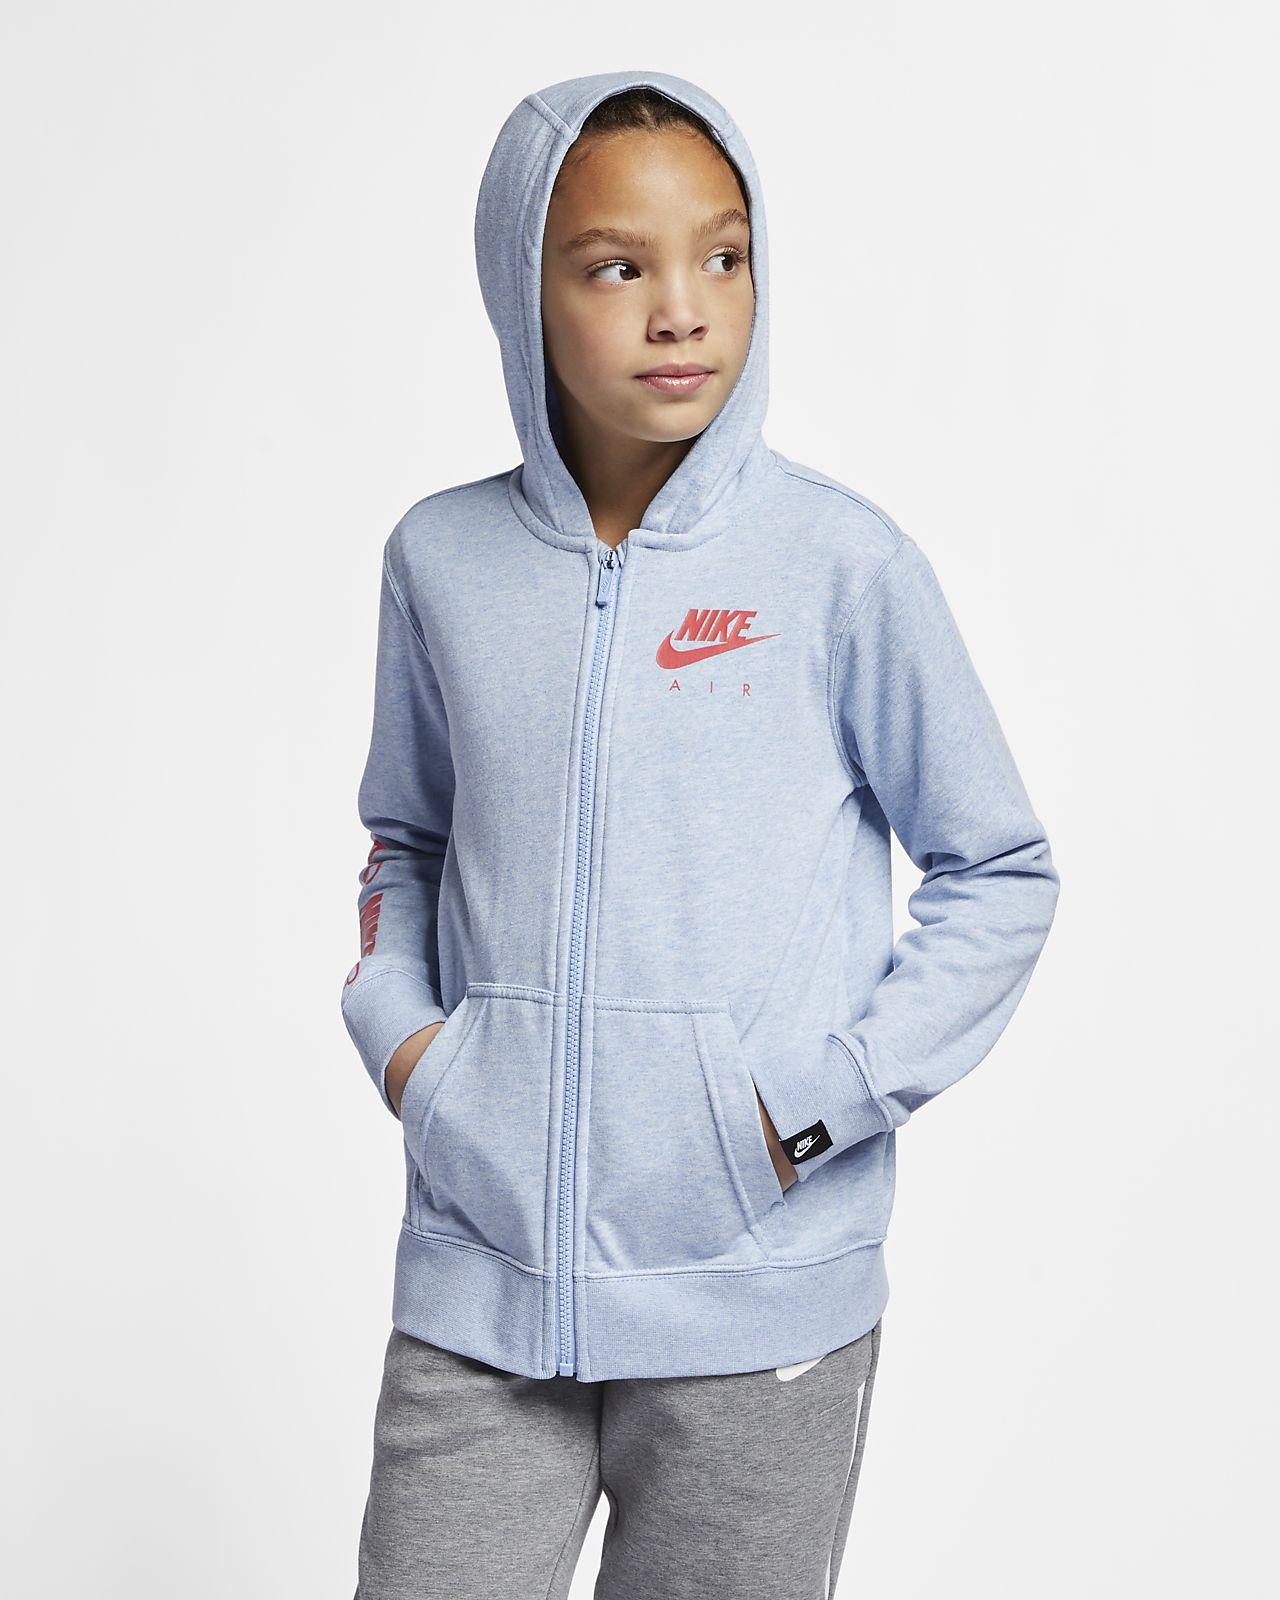 Nike Air Older Kids' (Girls') Full-Zip Hoodie